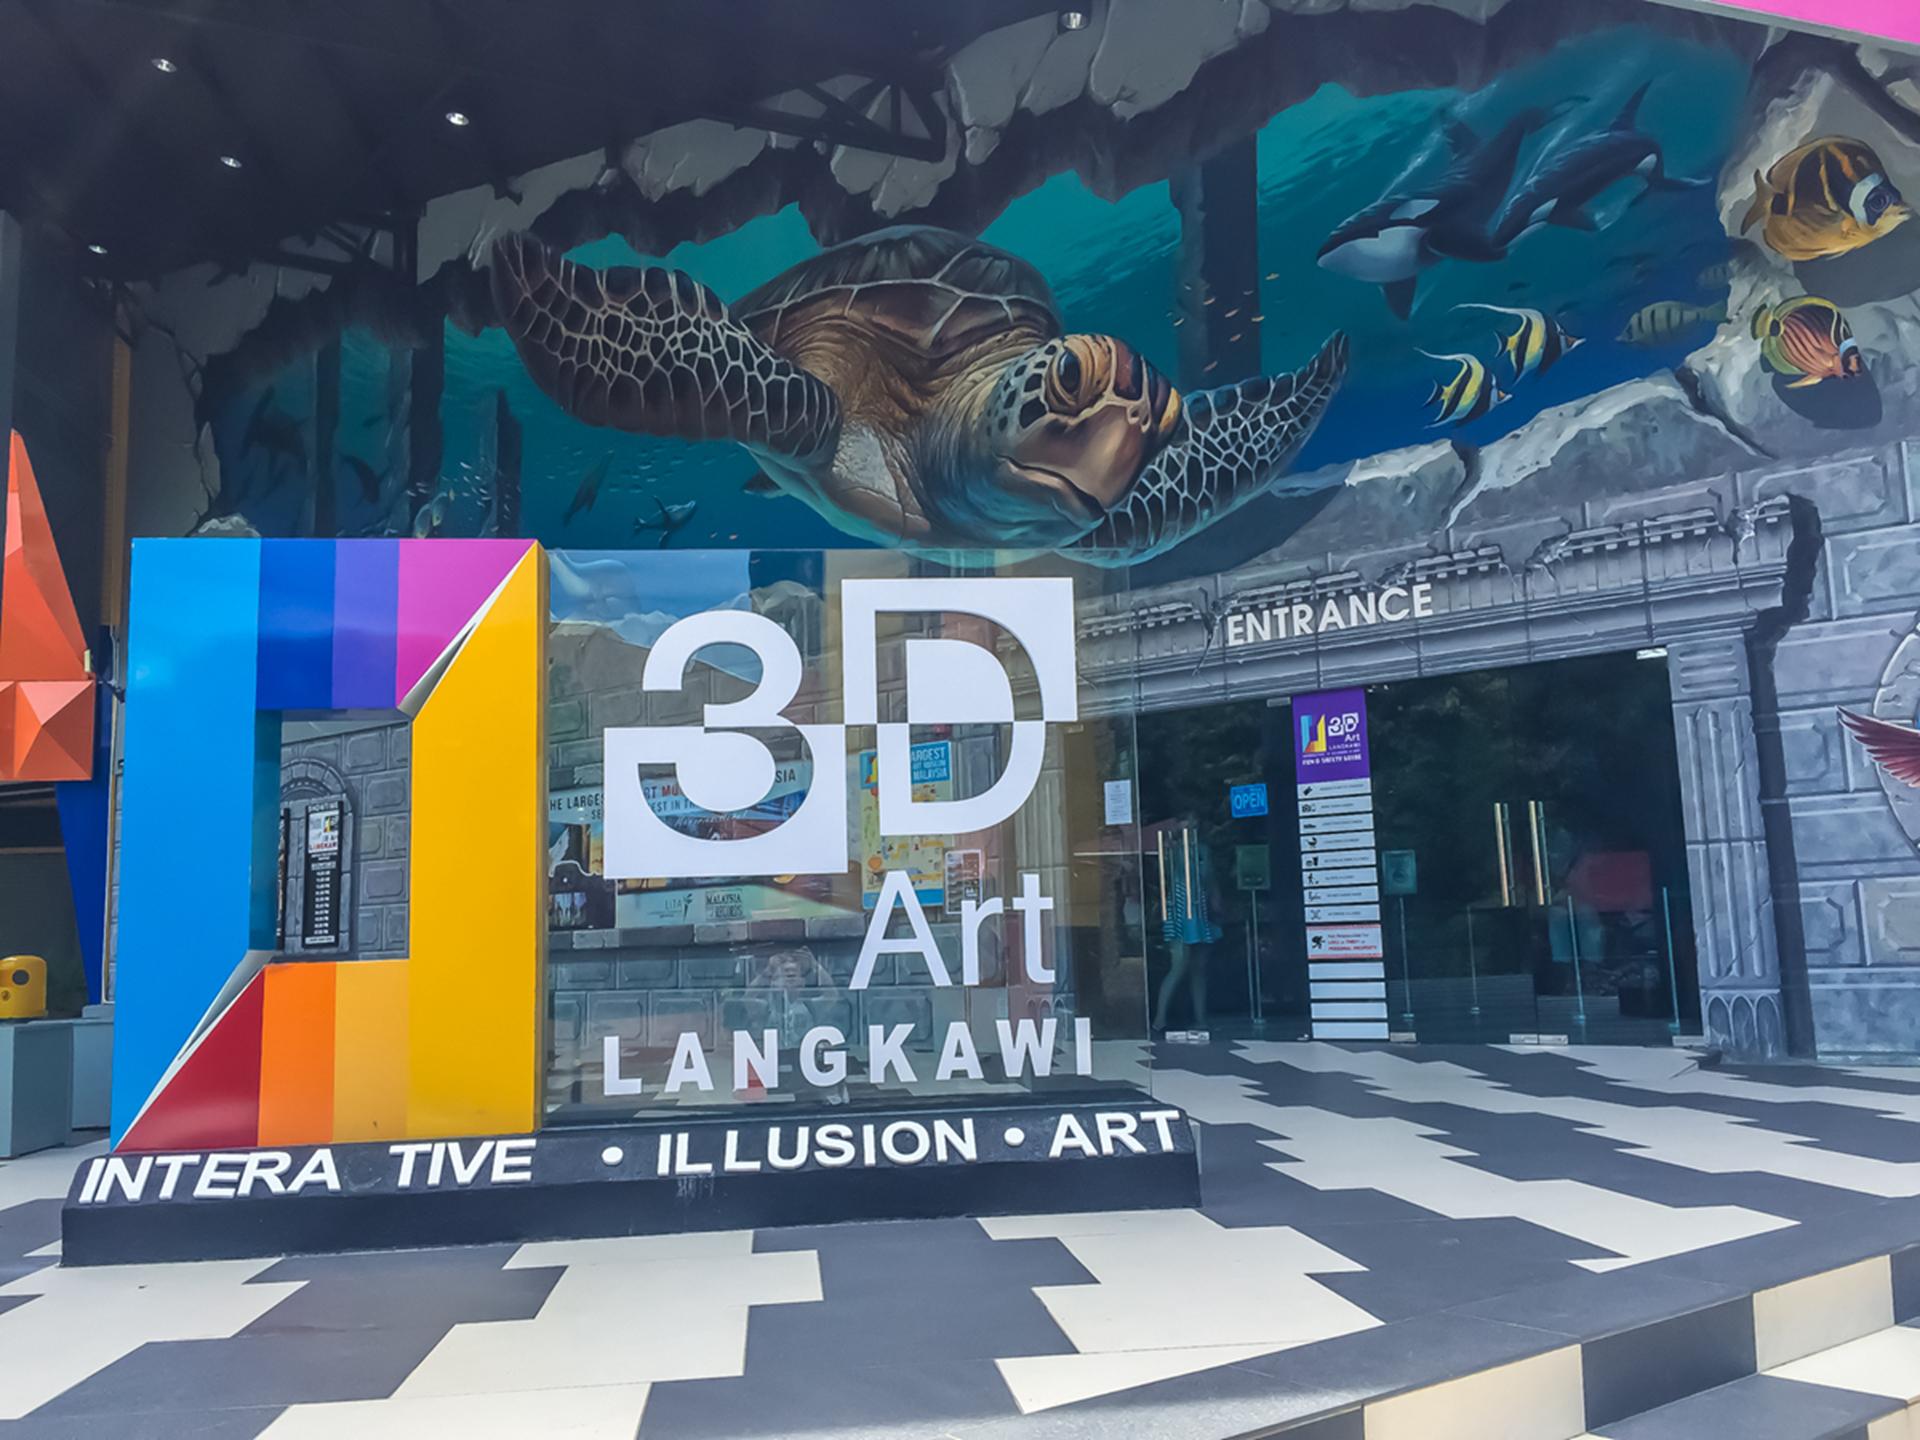 3D博物馆.jpg